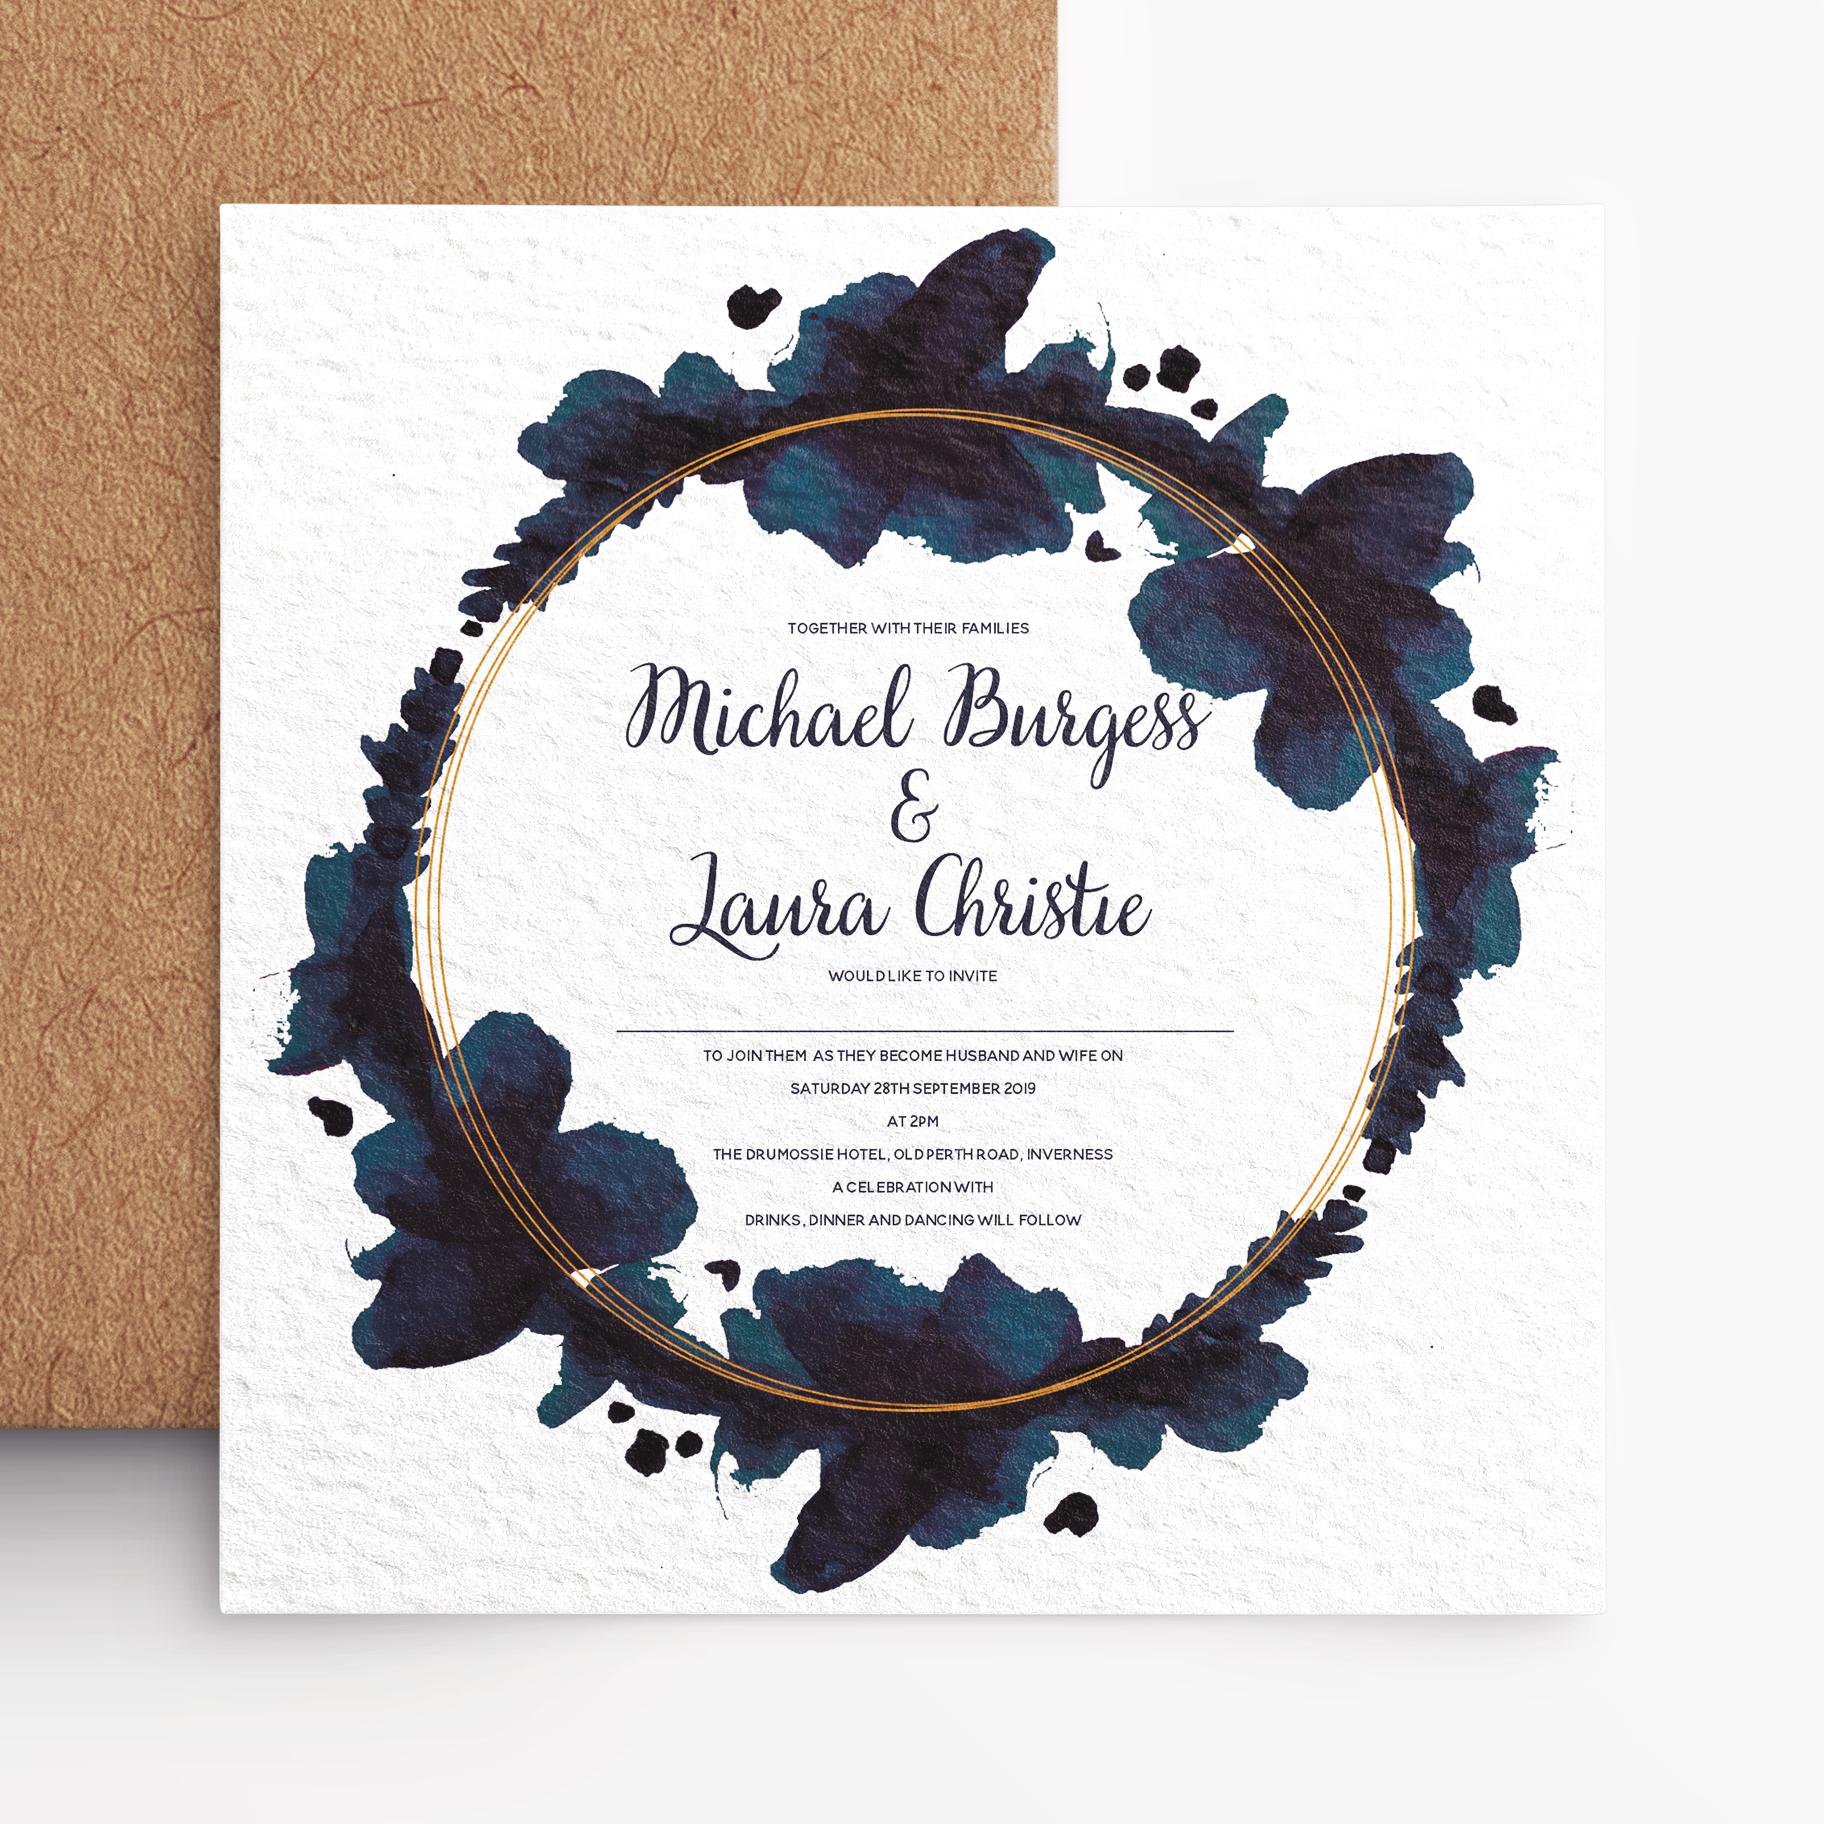 L.Christie - Invite